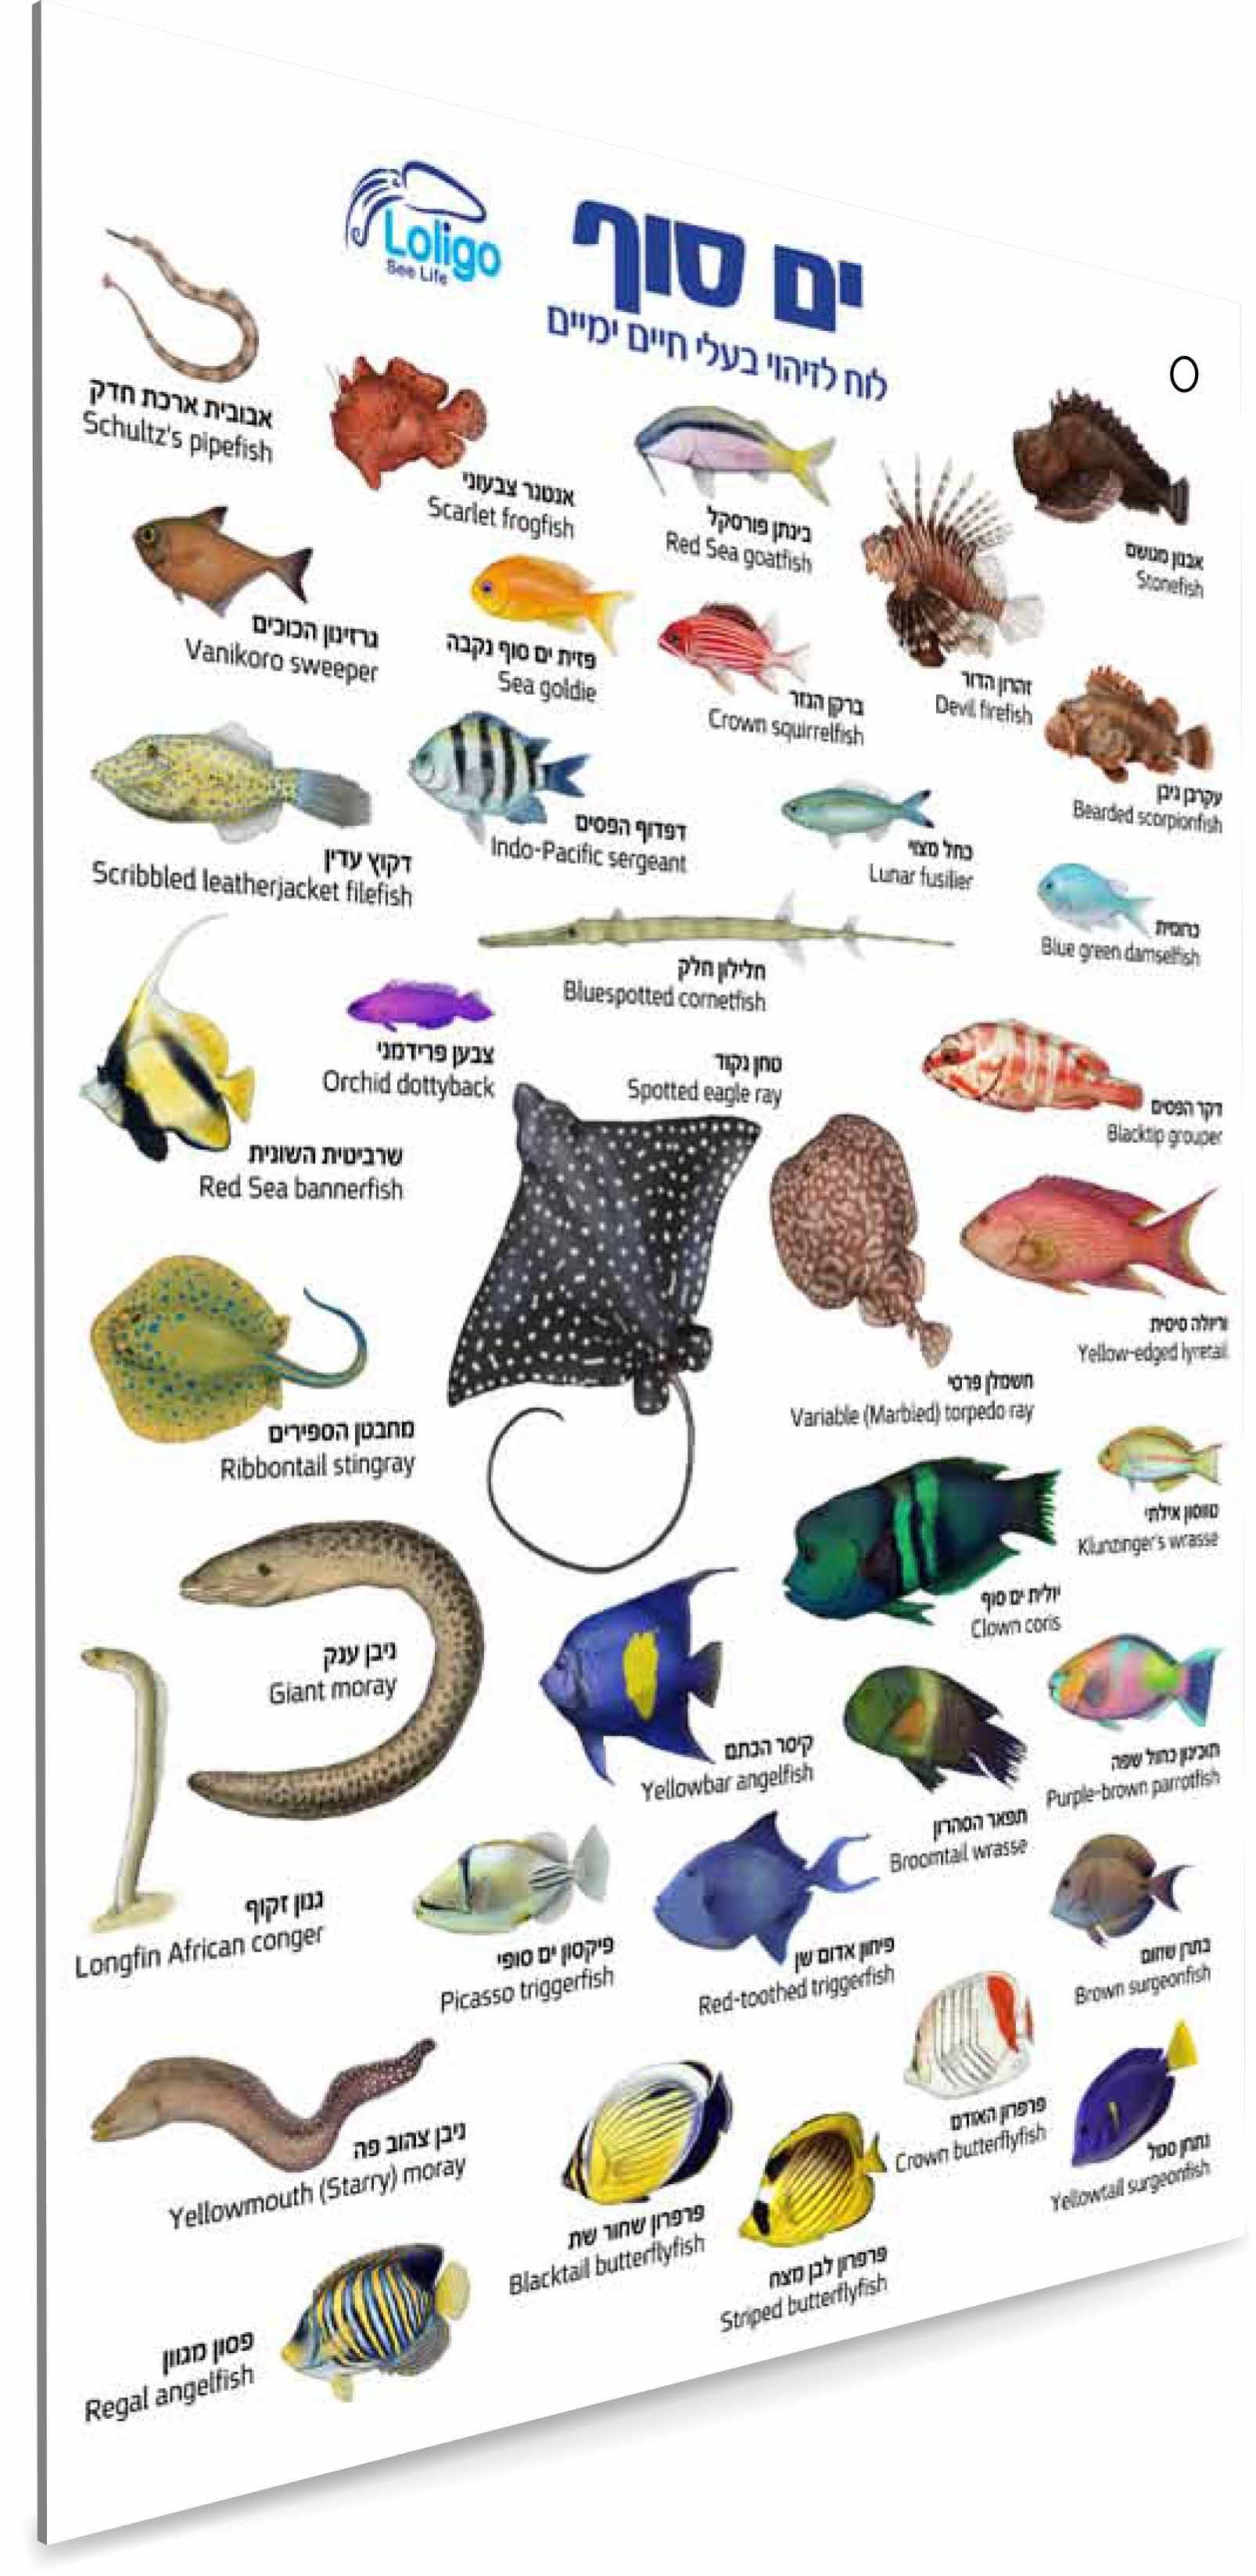 מדריך תת-ימי לזיהוי בעלי חיים בים סוף